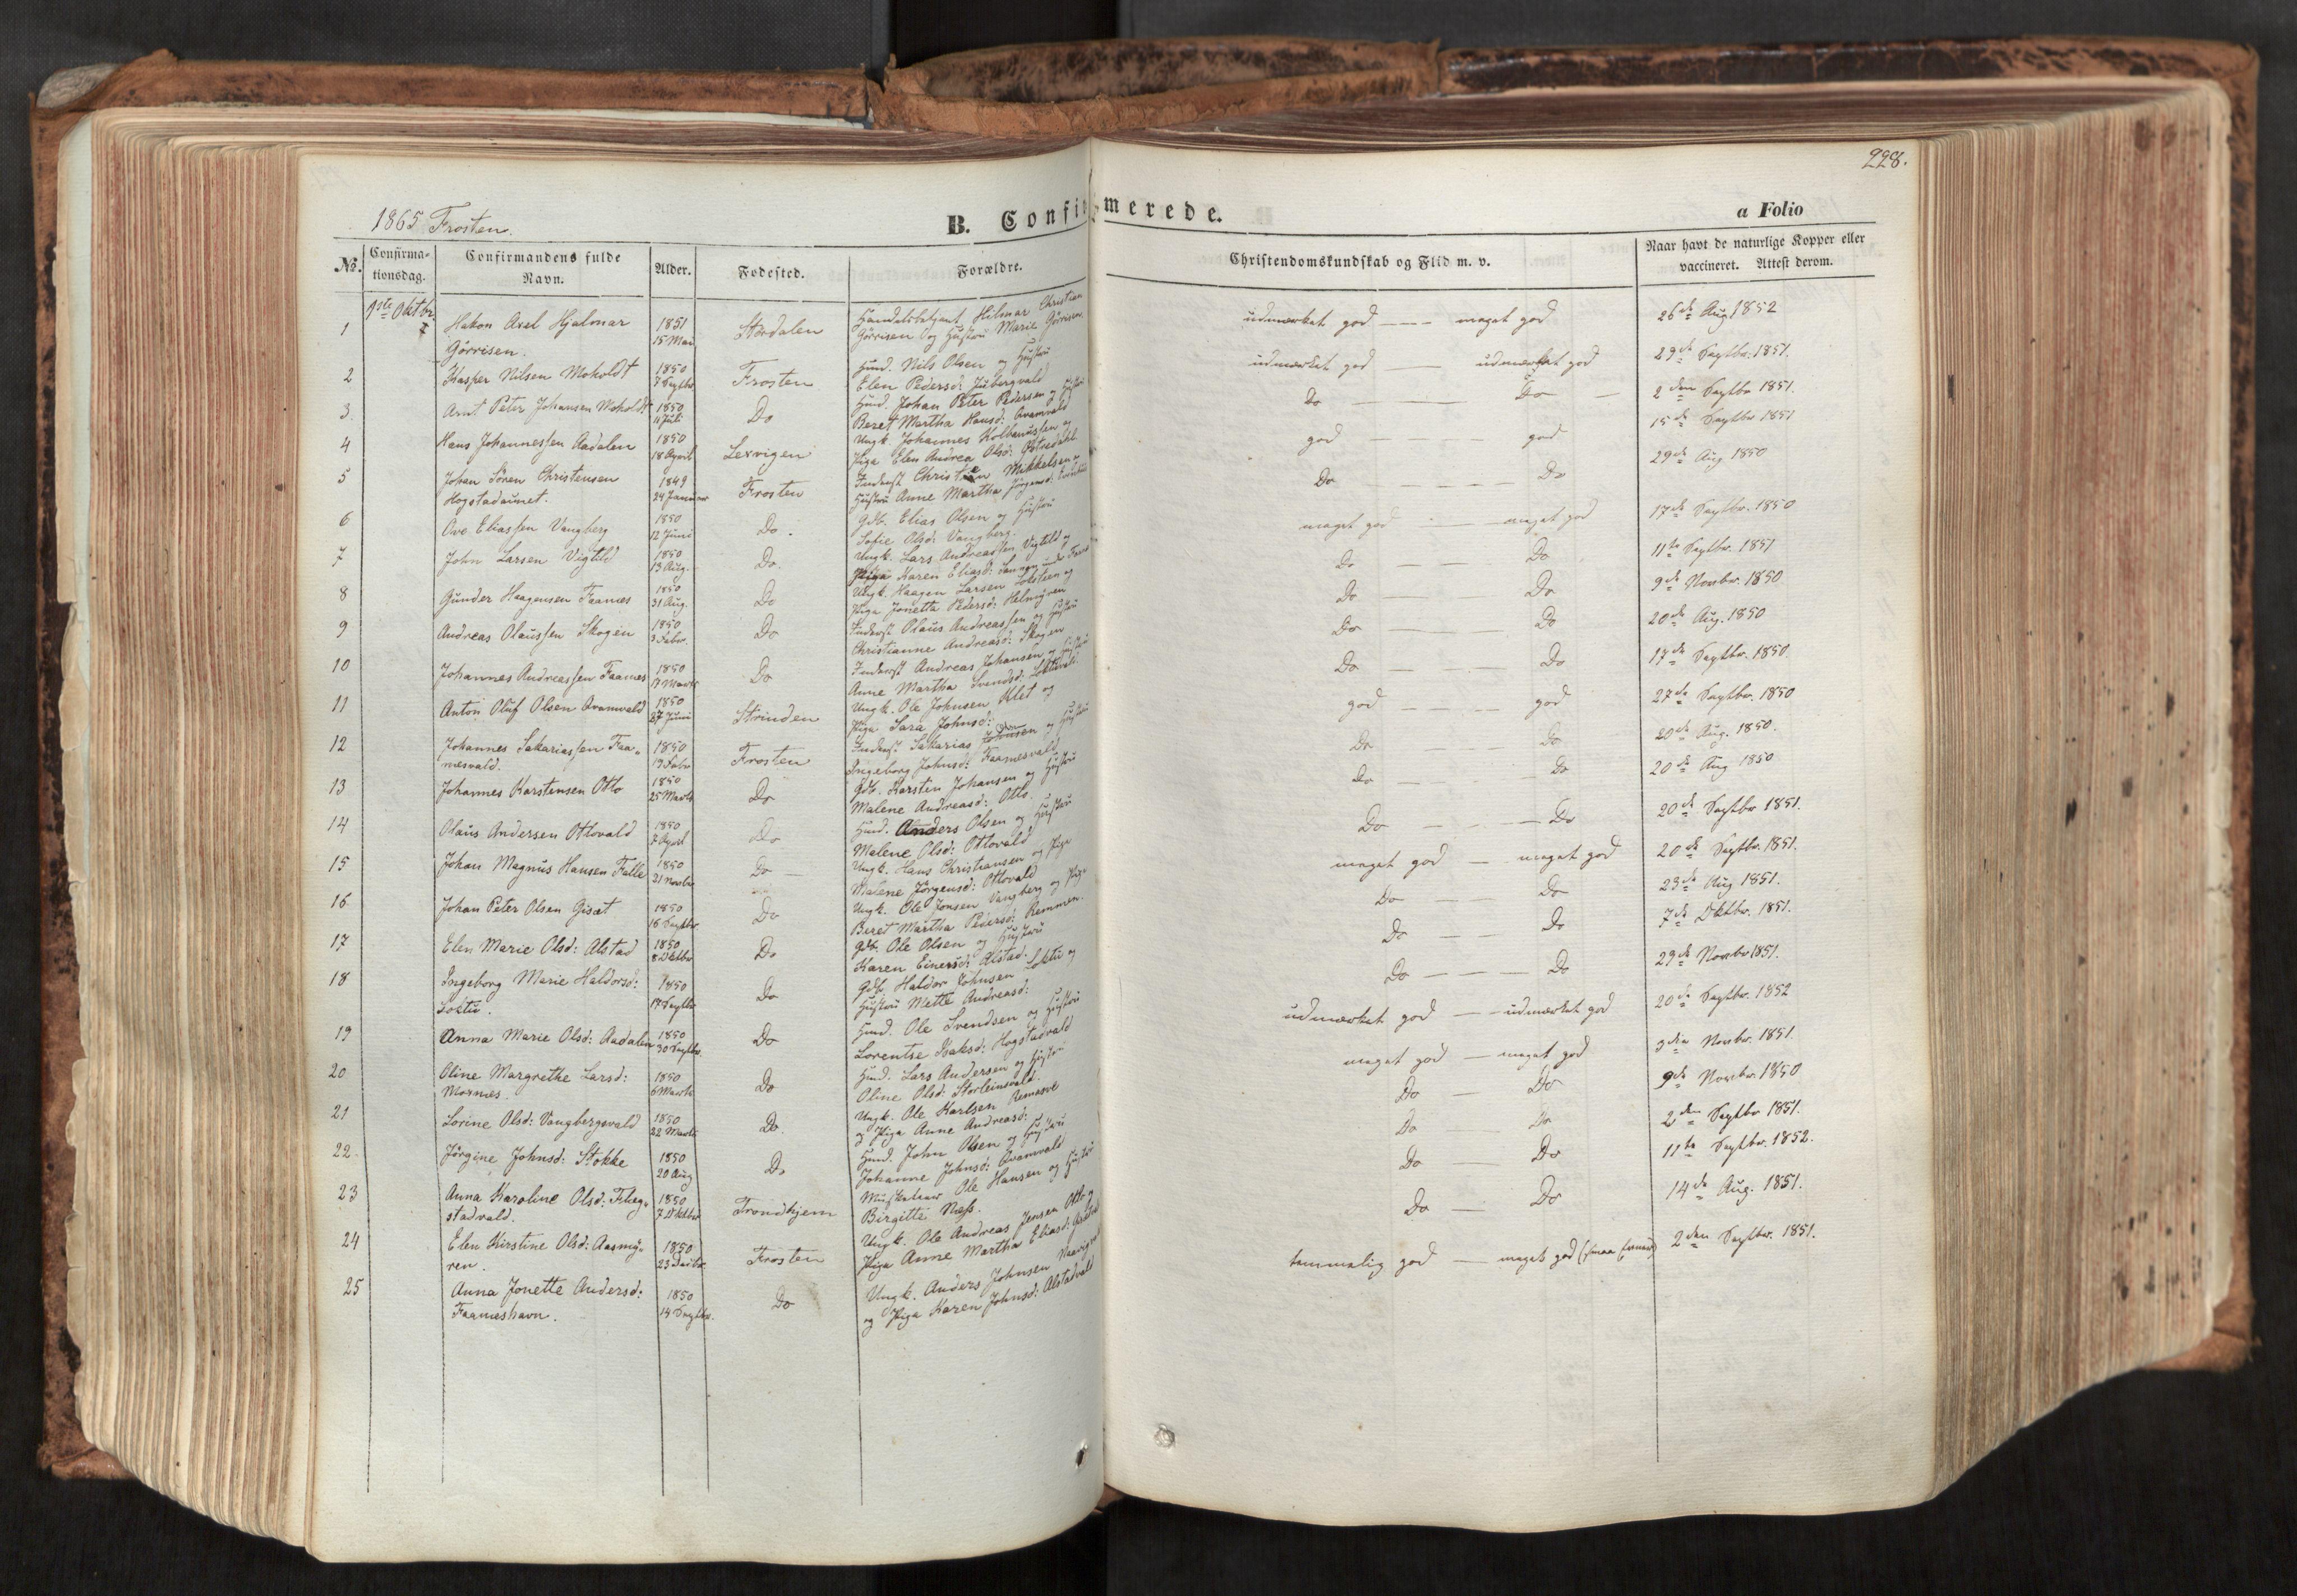 SAT, Ministerialprotokoller, klokkerbøker og fødselsregistre - Nord-Trøndelag, 713/L0116: Ministerialbok nr. 713A07, 1850-1877, s. 228